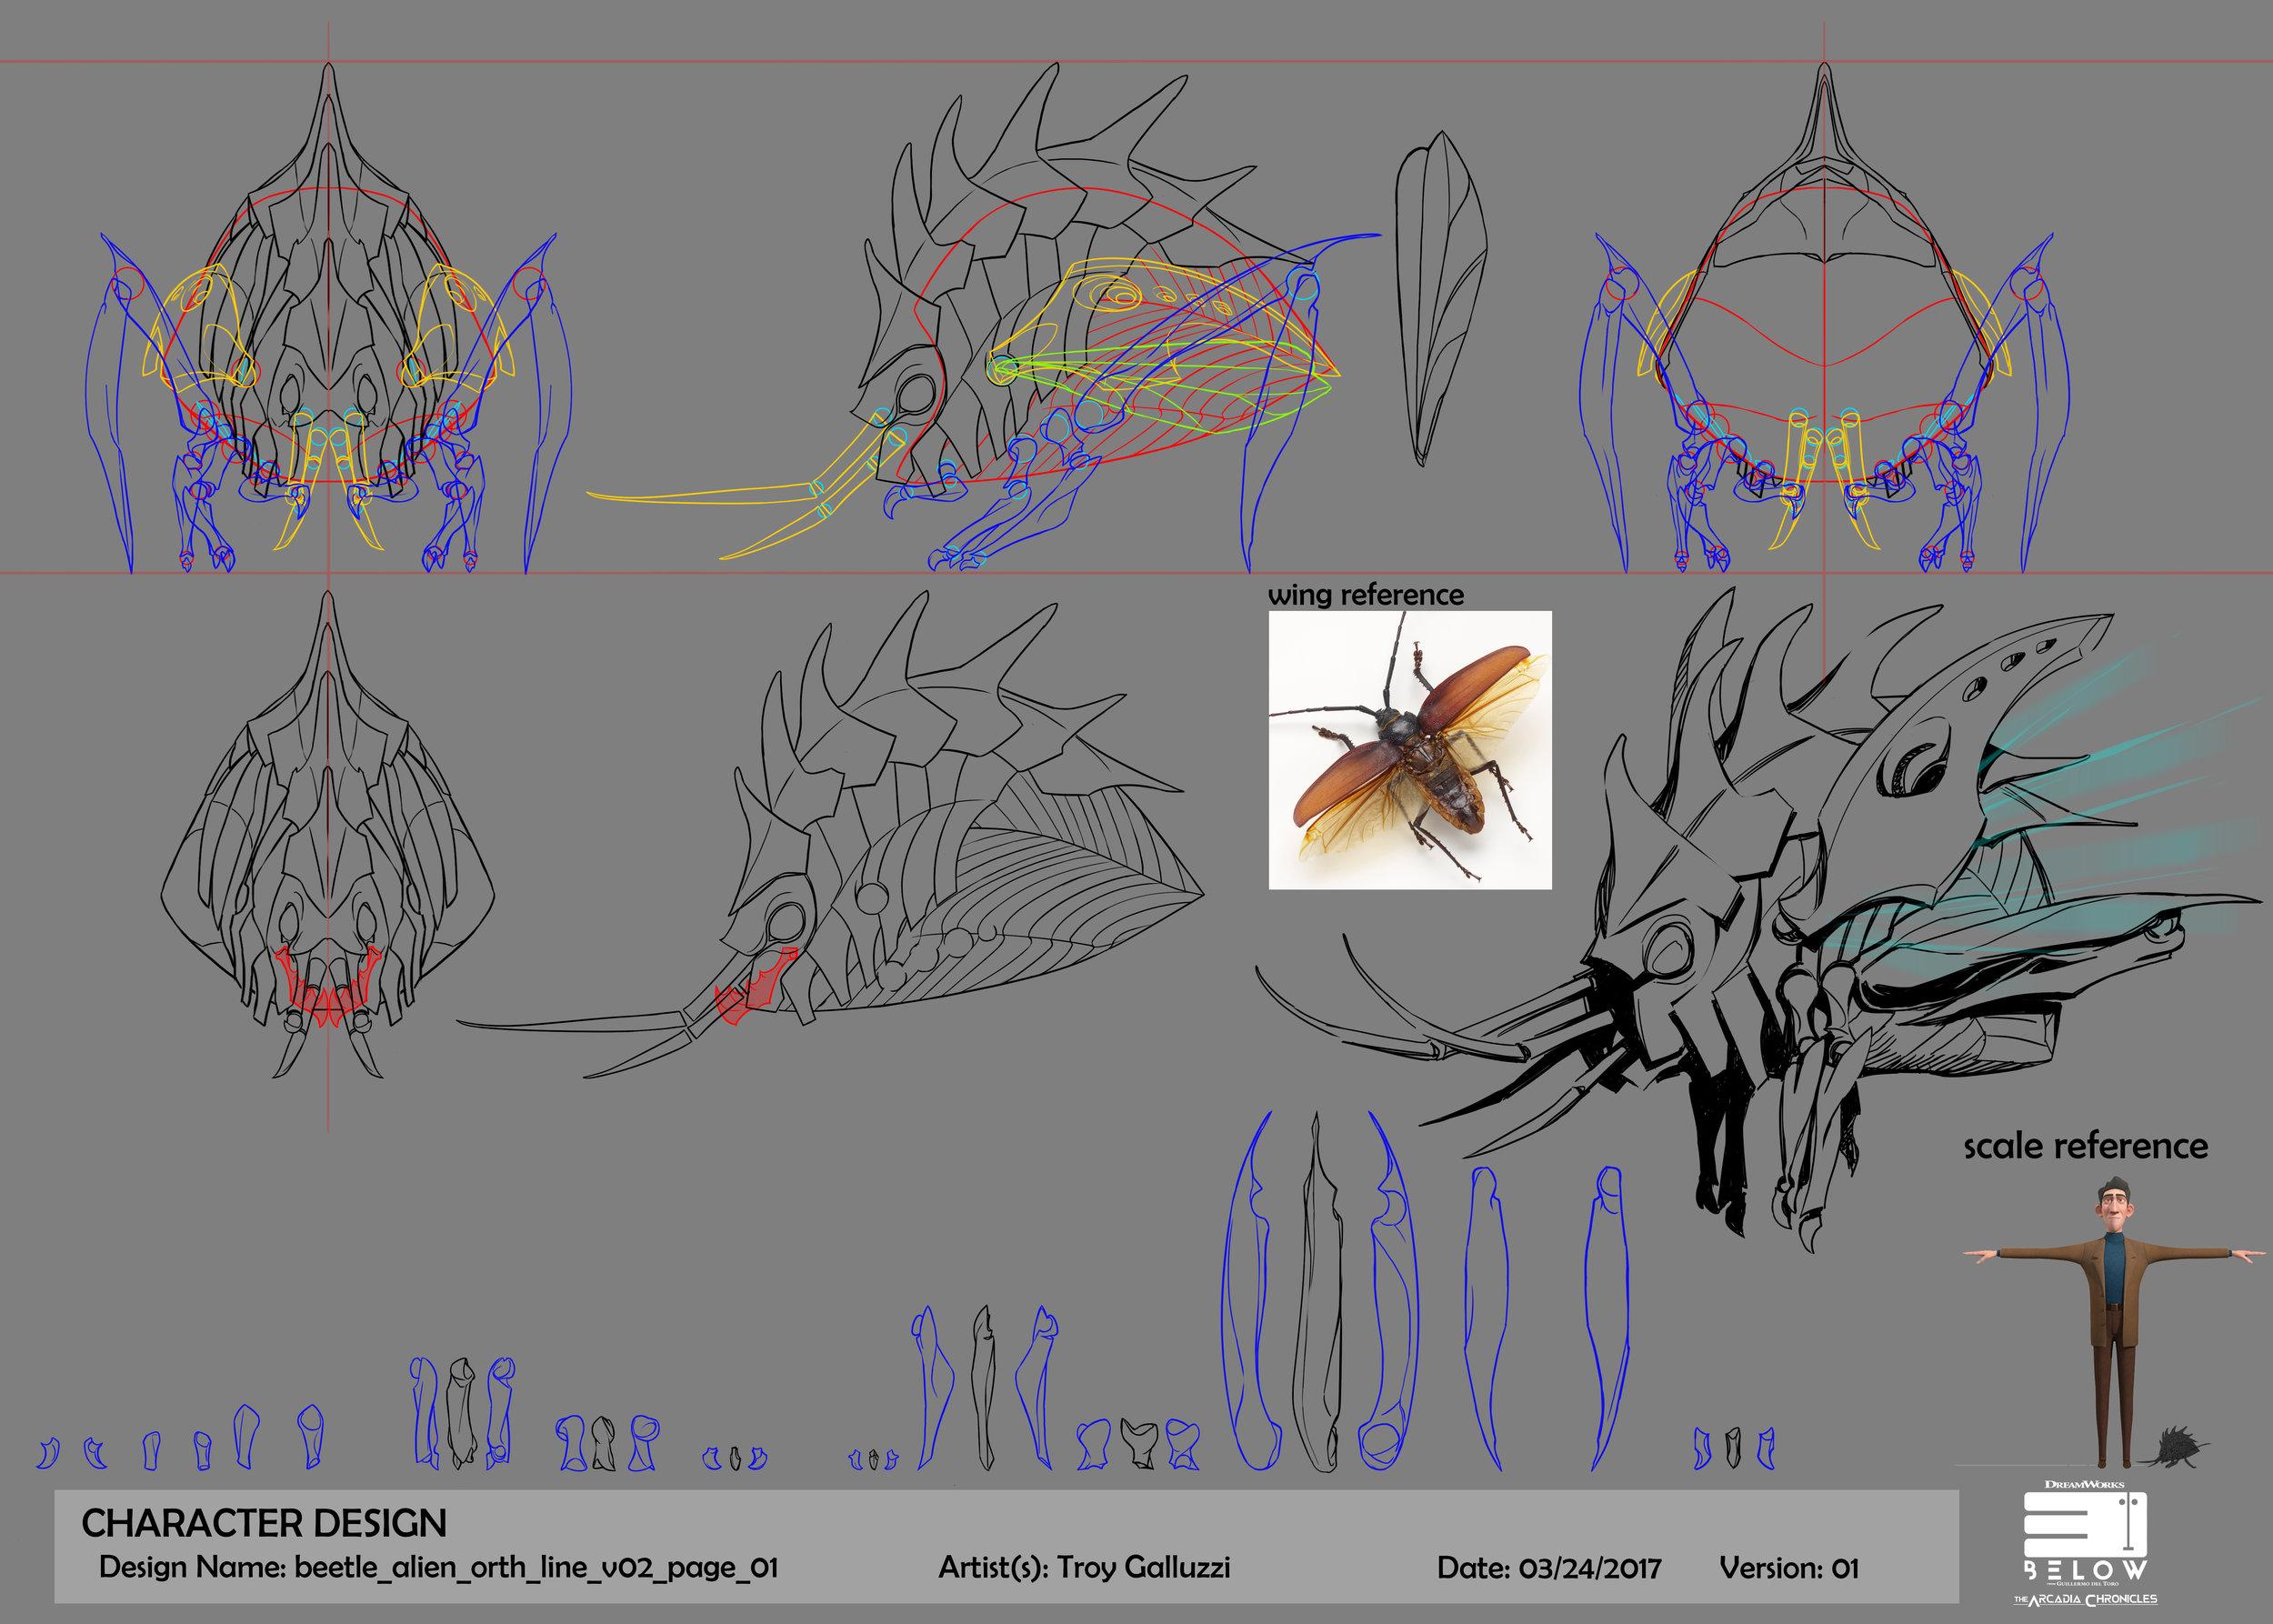 beetle_alien_orth_line_v02_page_01.jpg